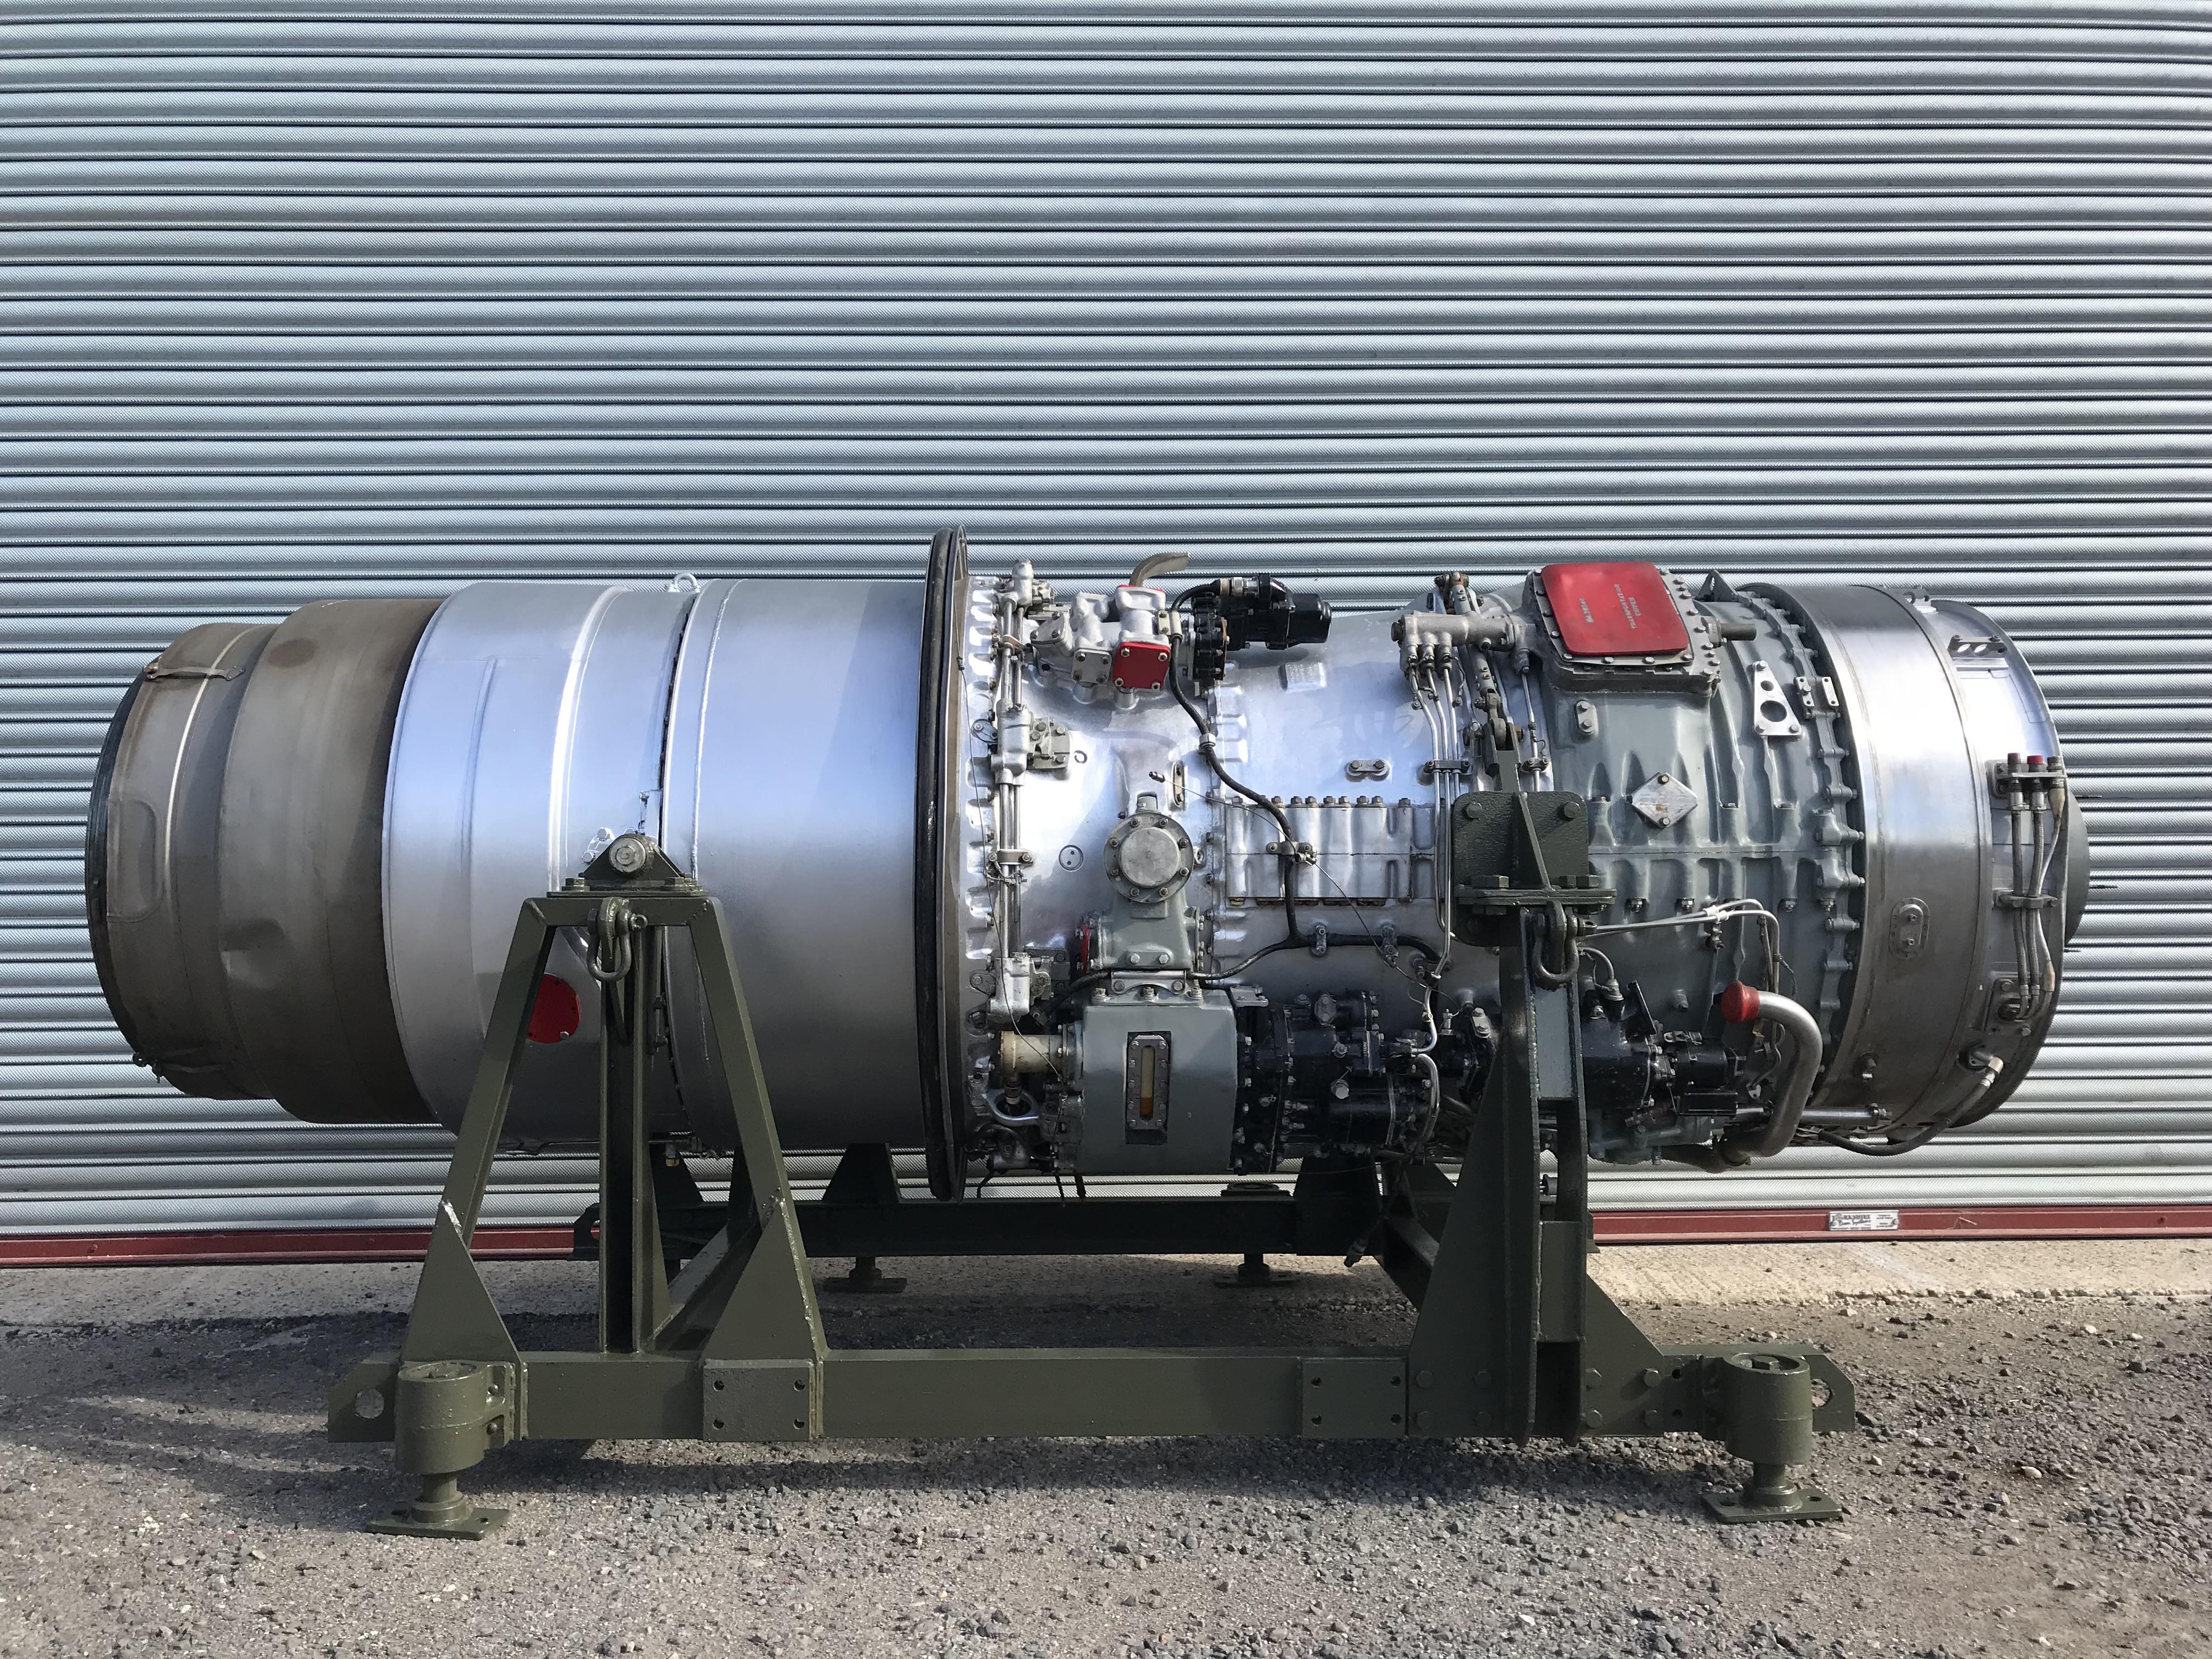 Avon 206 engine